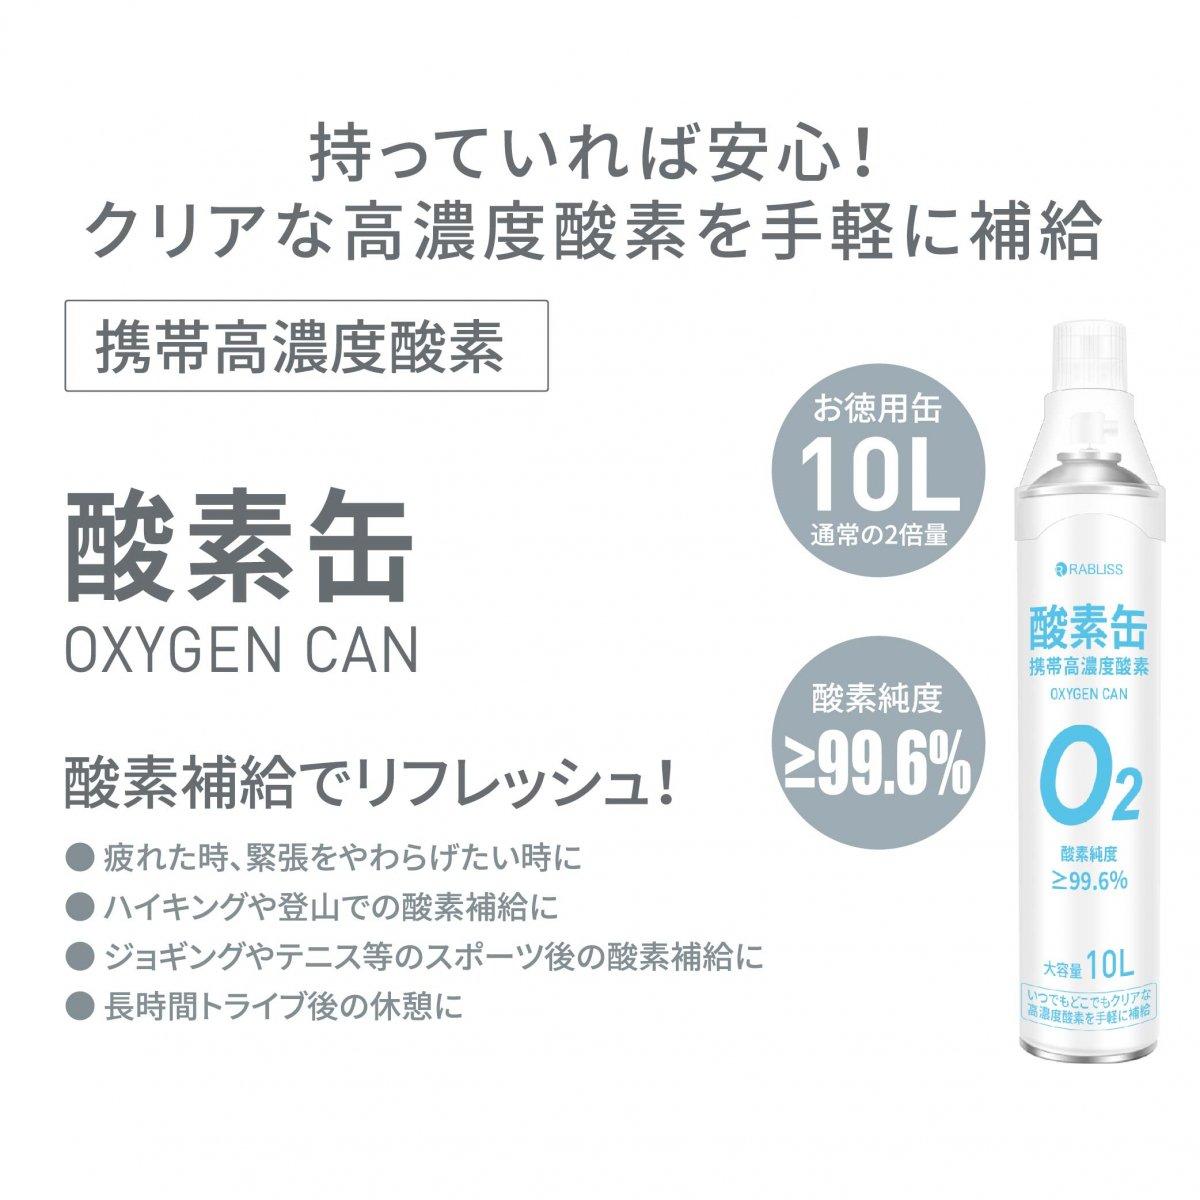 【9月下旬発売】RABLISS 酸素缶10L 携帯高濃度酸素 【画像2】